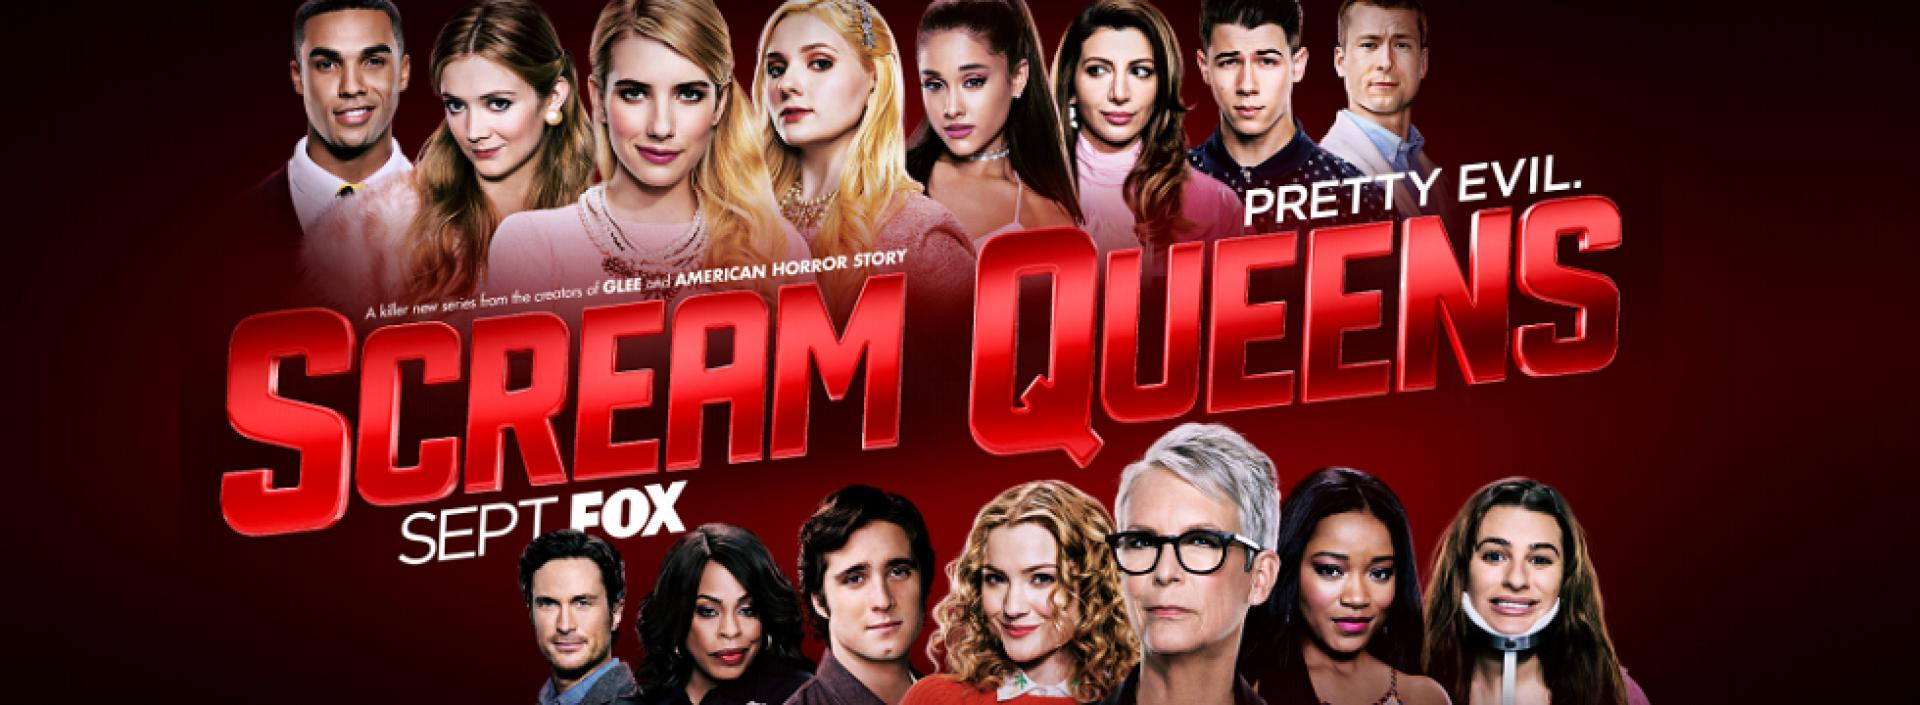 Scream Queens 1x02